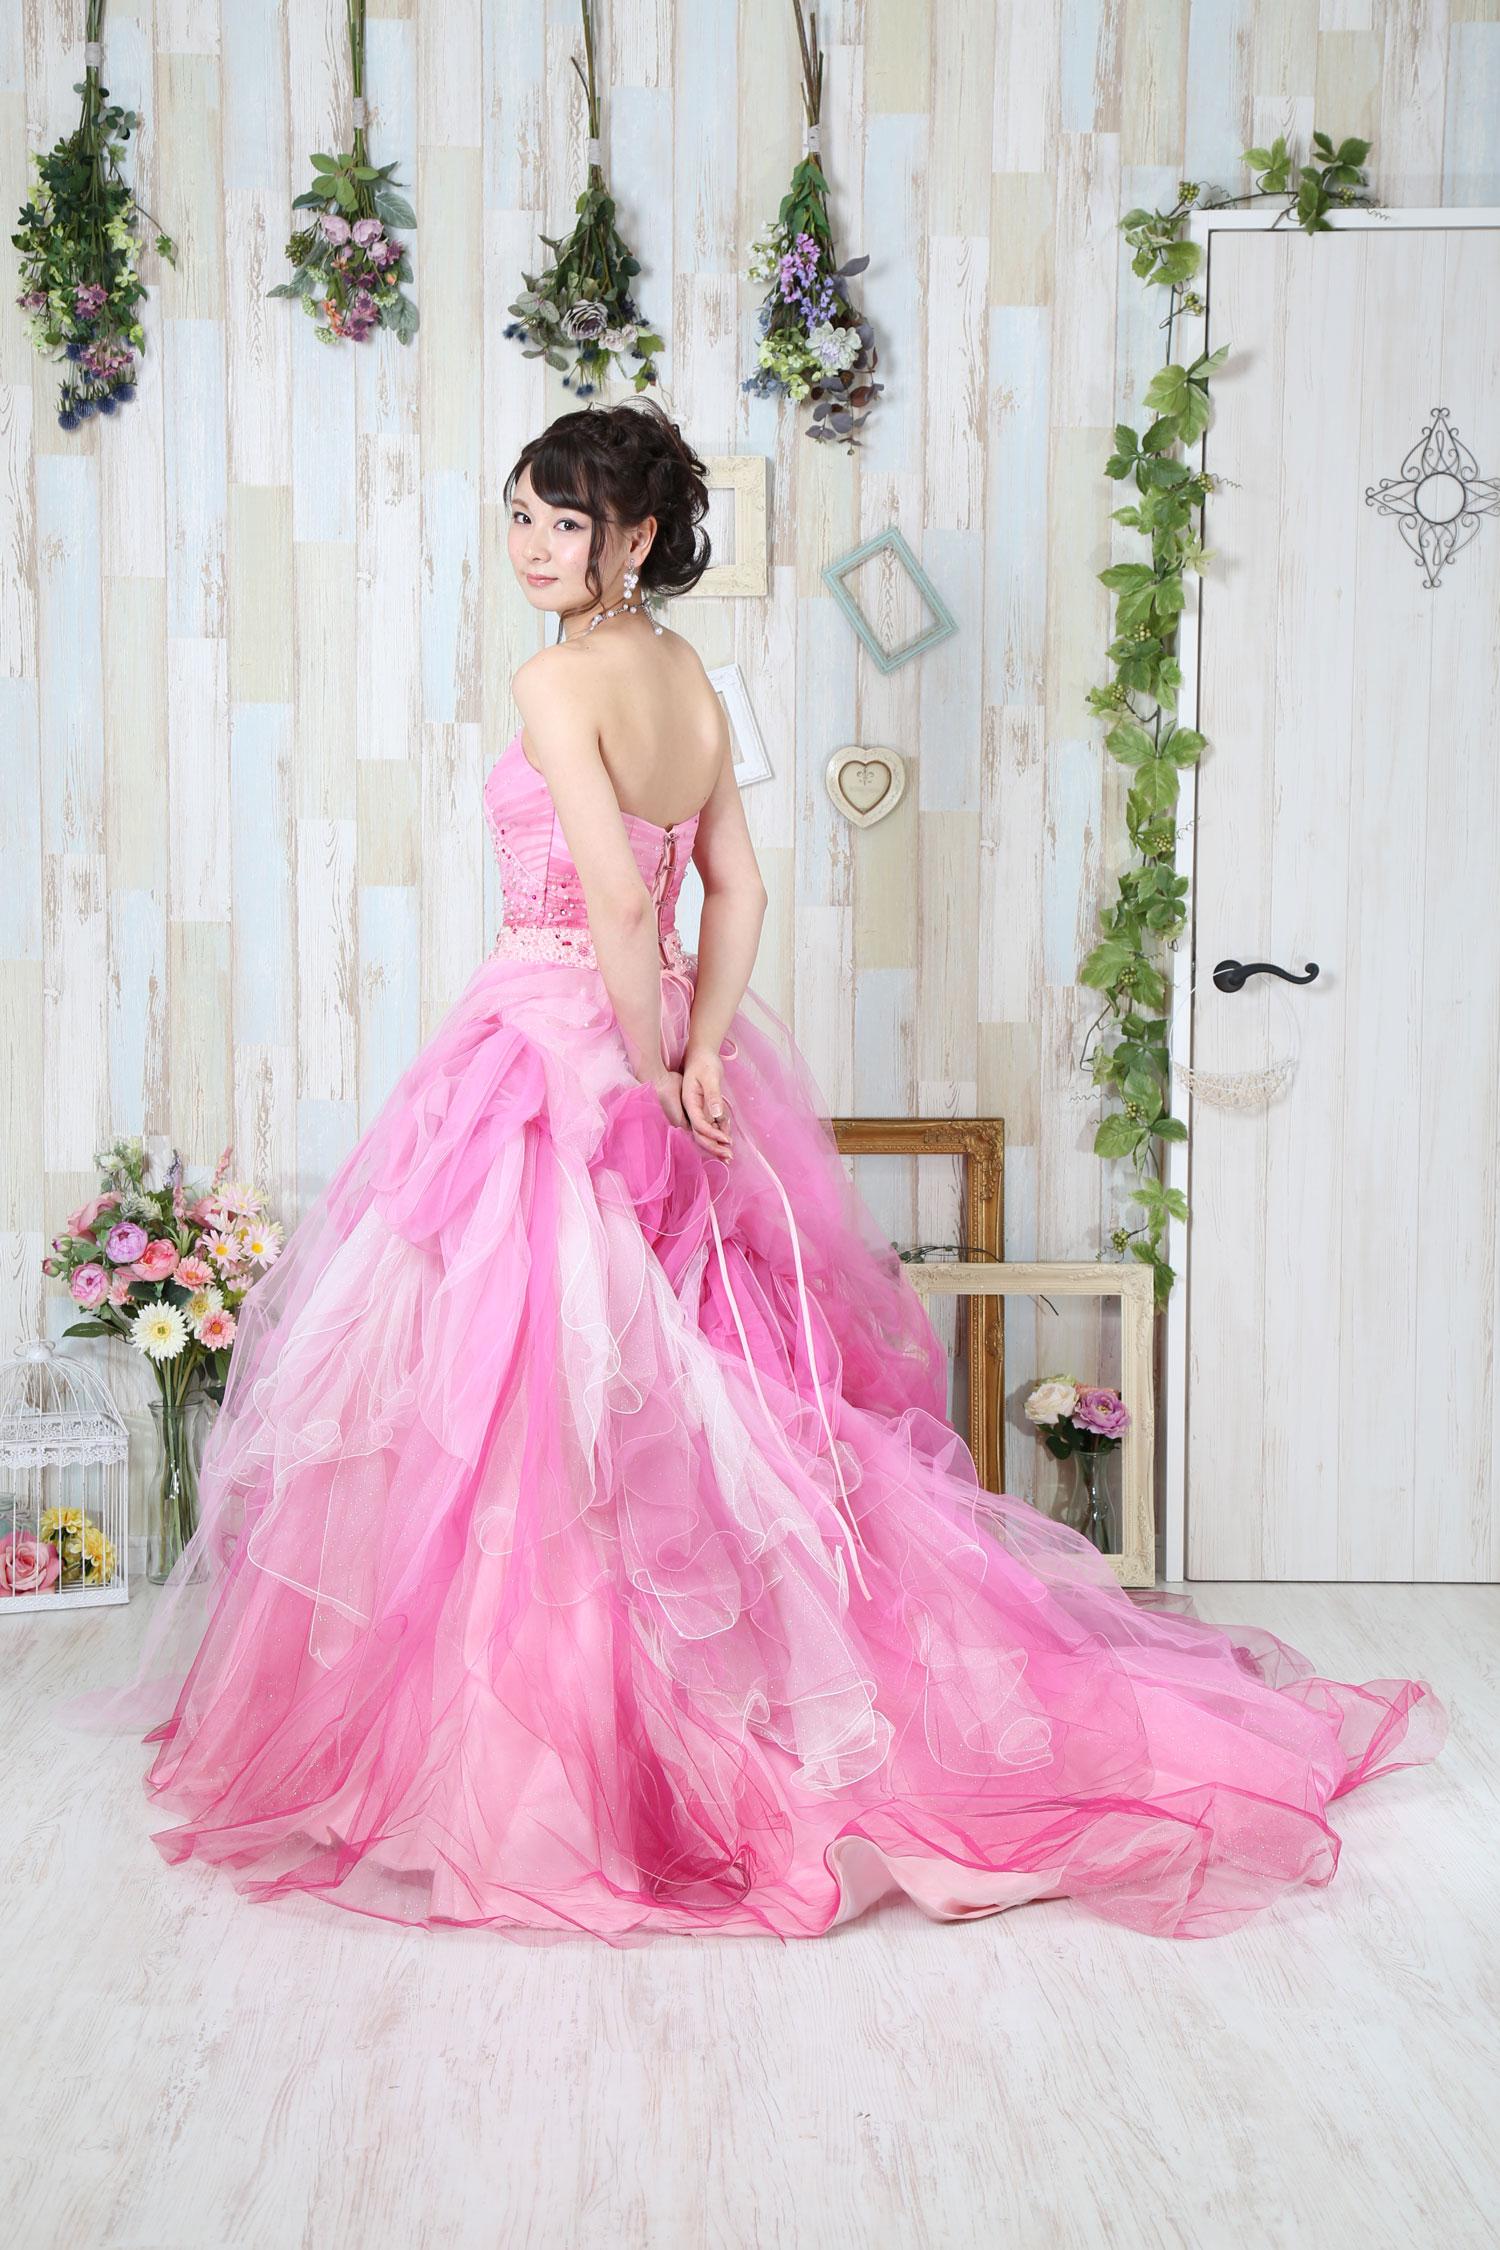 ★20180211-ドレス衣装撮影_220